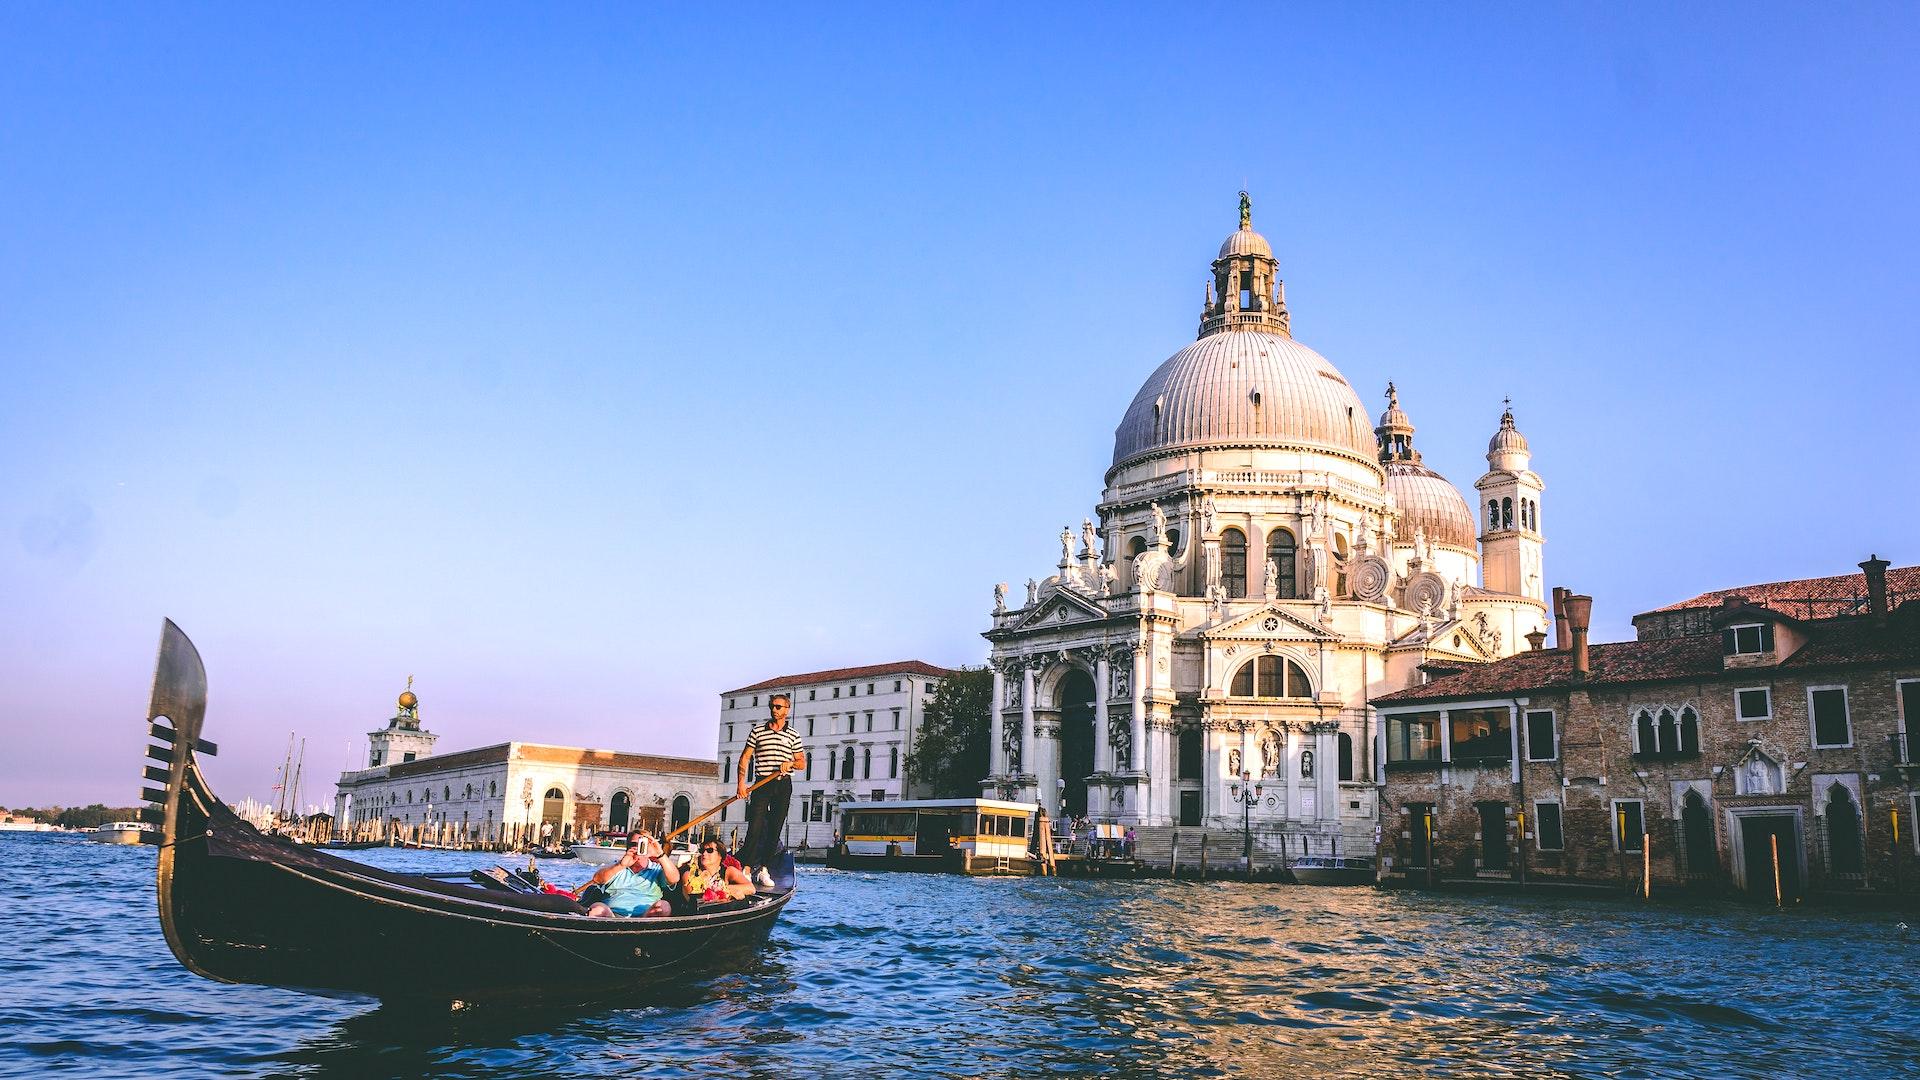 Nuevas reglas para hacer turismo en Venecia: multas por mal comportamiento